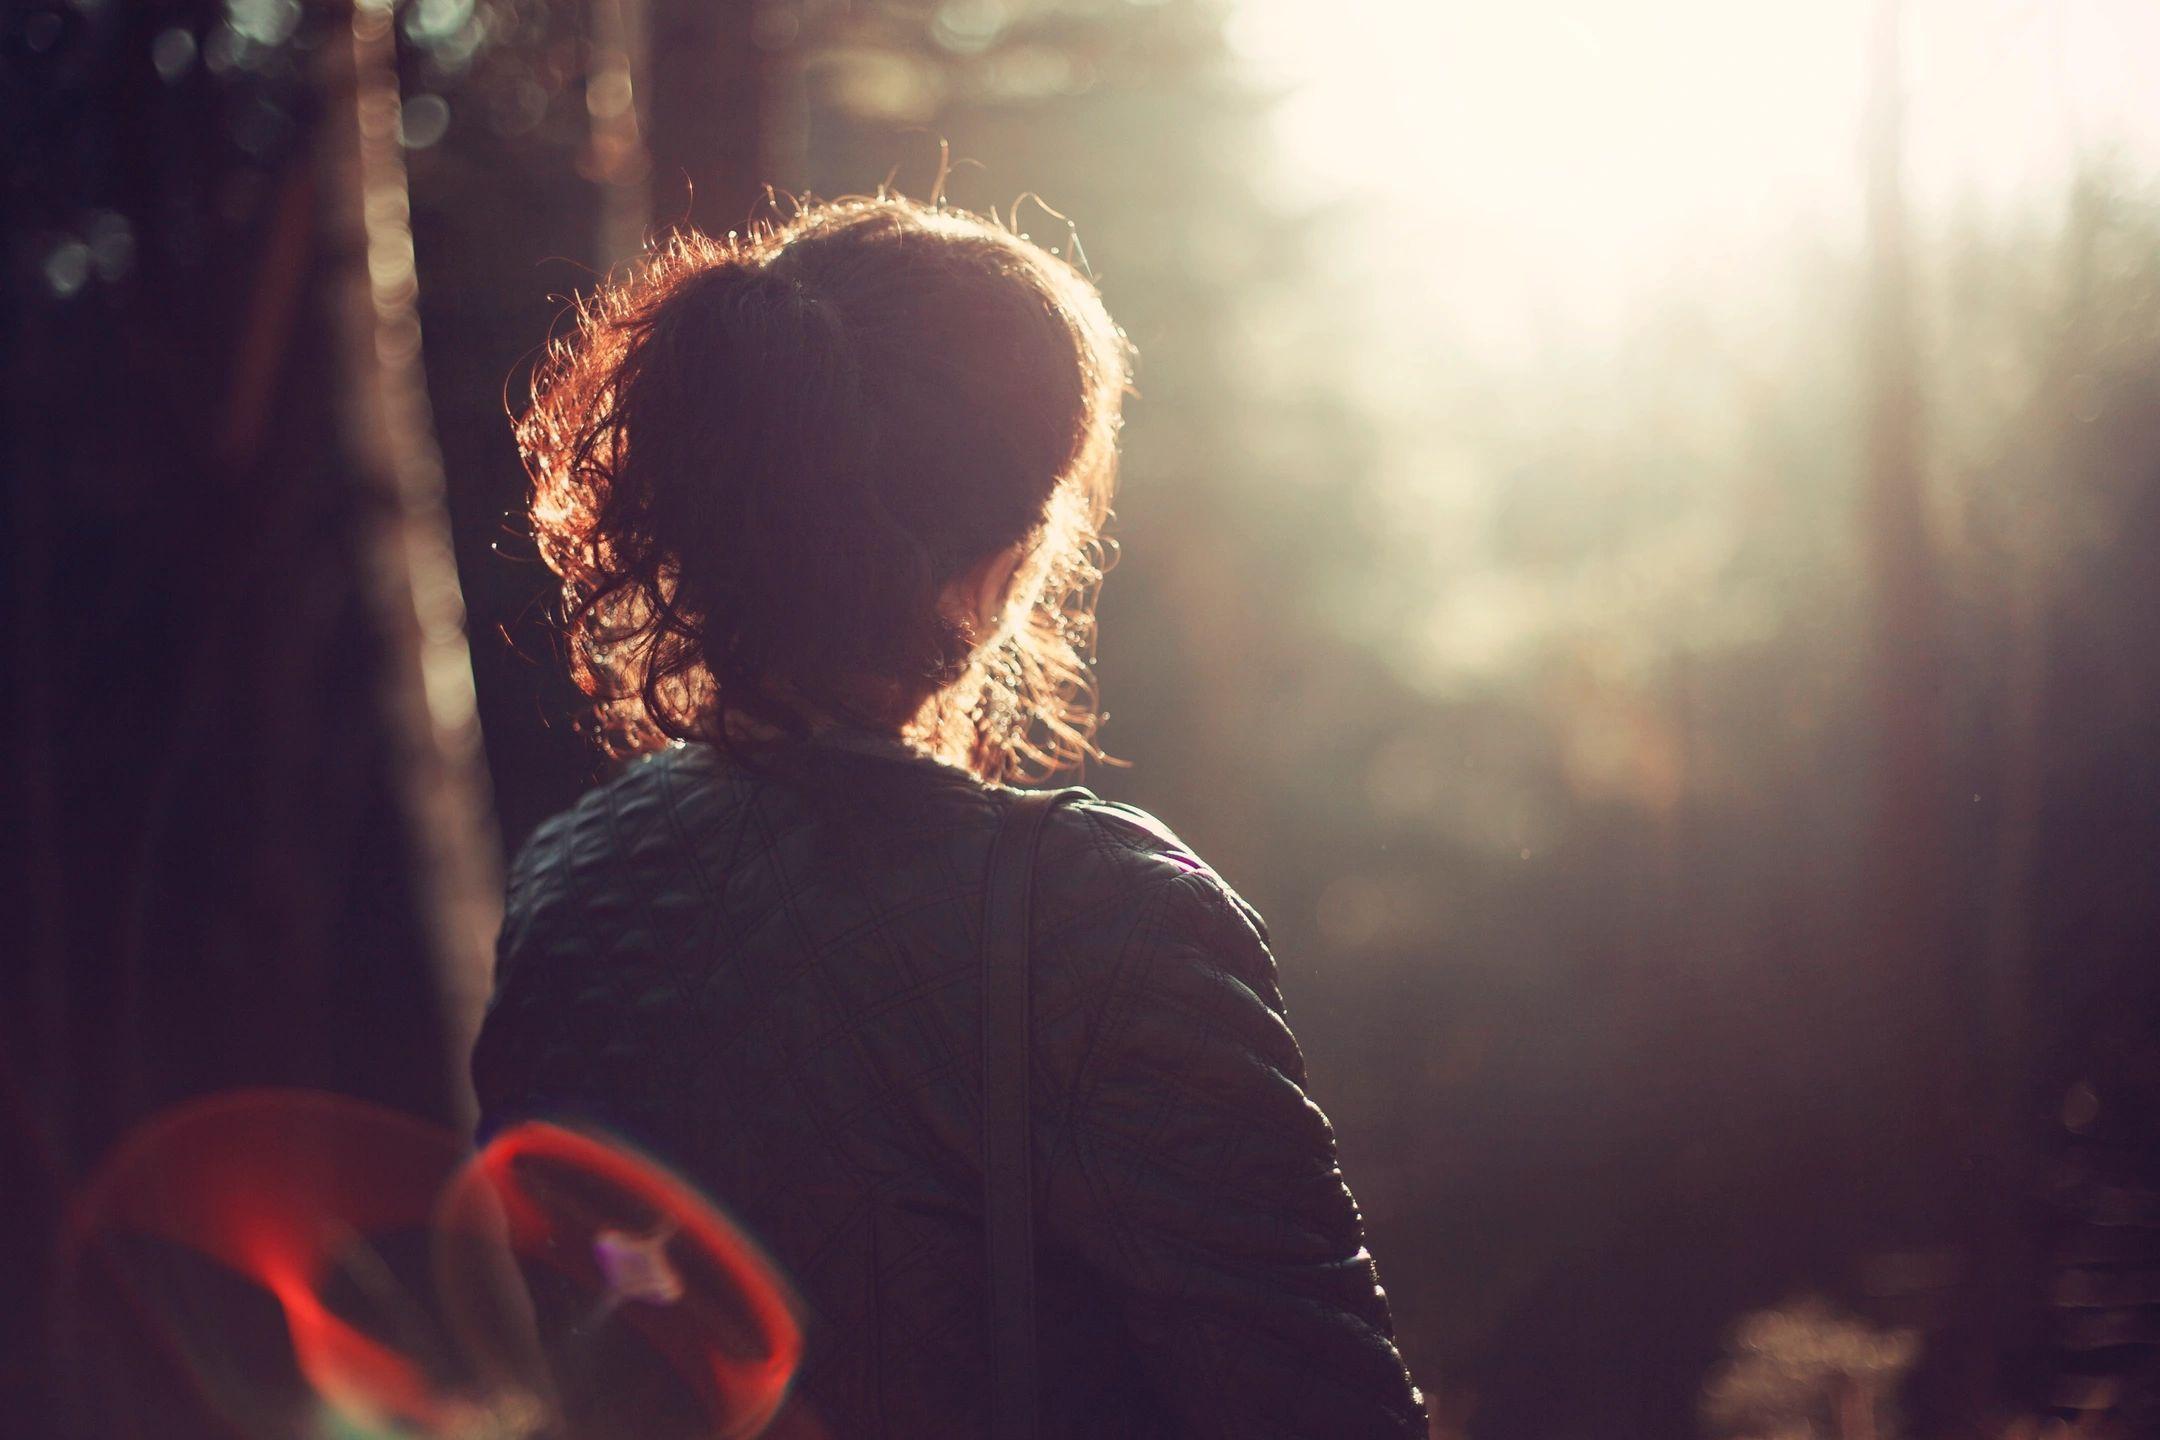 Replanteando su perspectiva durante los momentos de dolor emocional